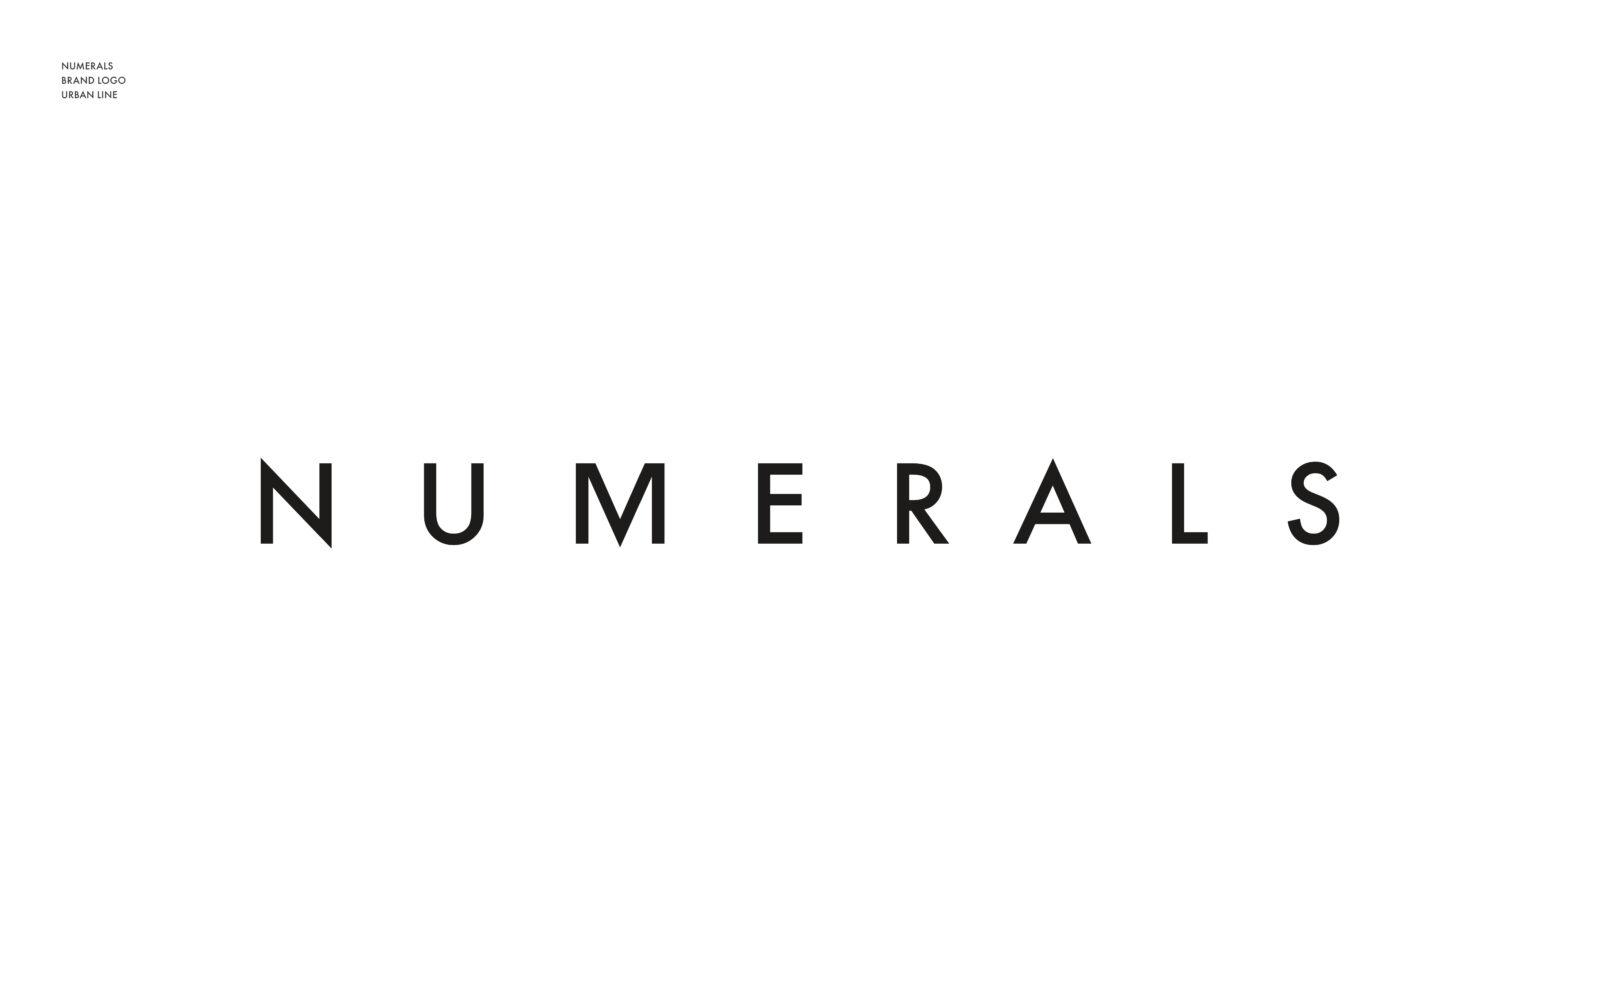 NUMERALS__-6